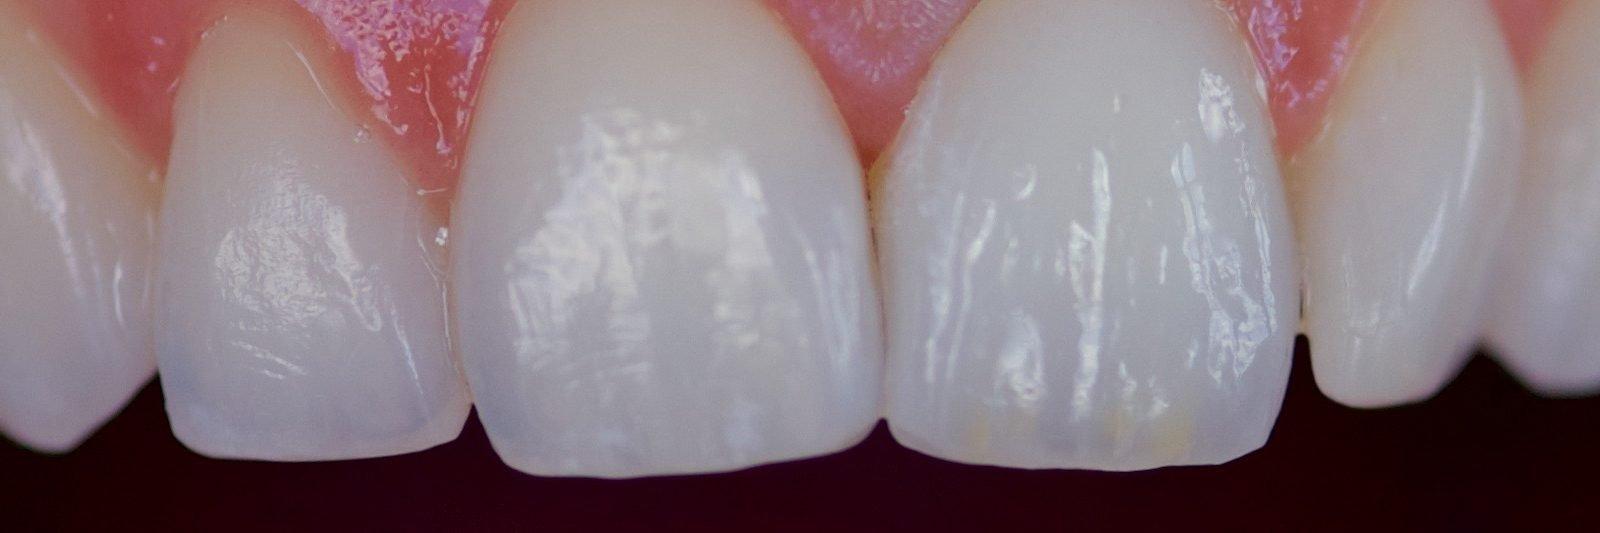 Køb nye kunstige tænder af høj kvalitet. Det gør de nye tænder billige på langt sigt